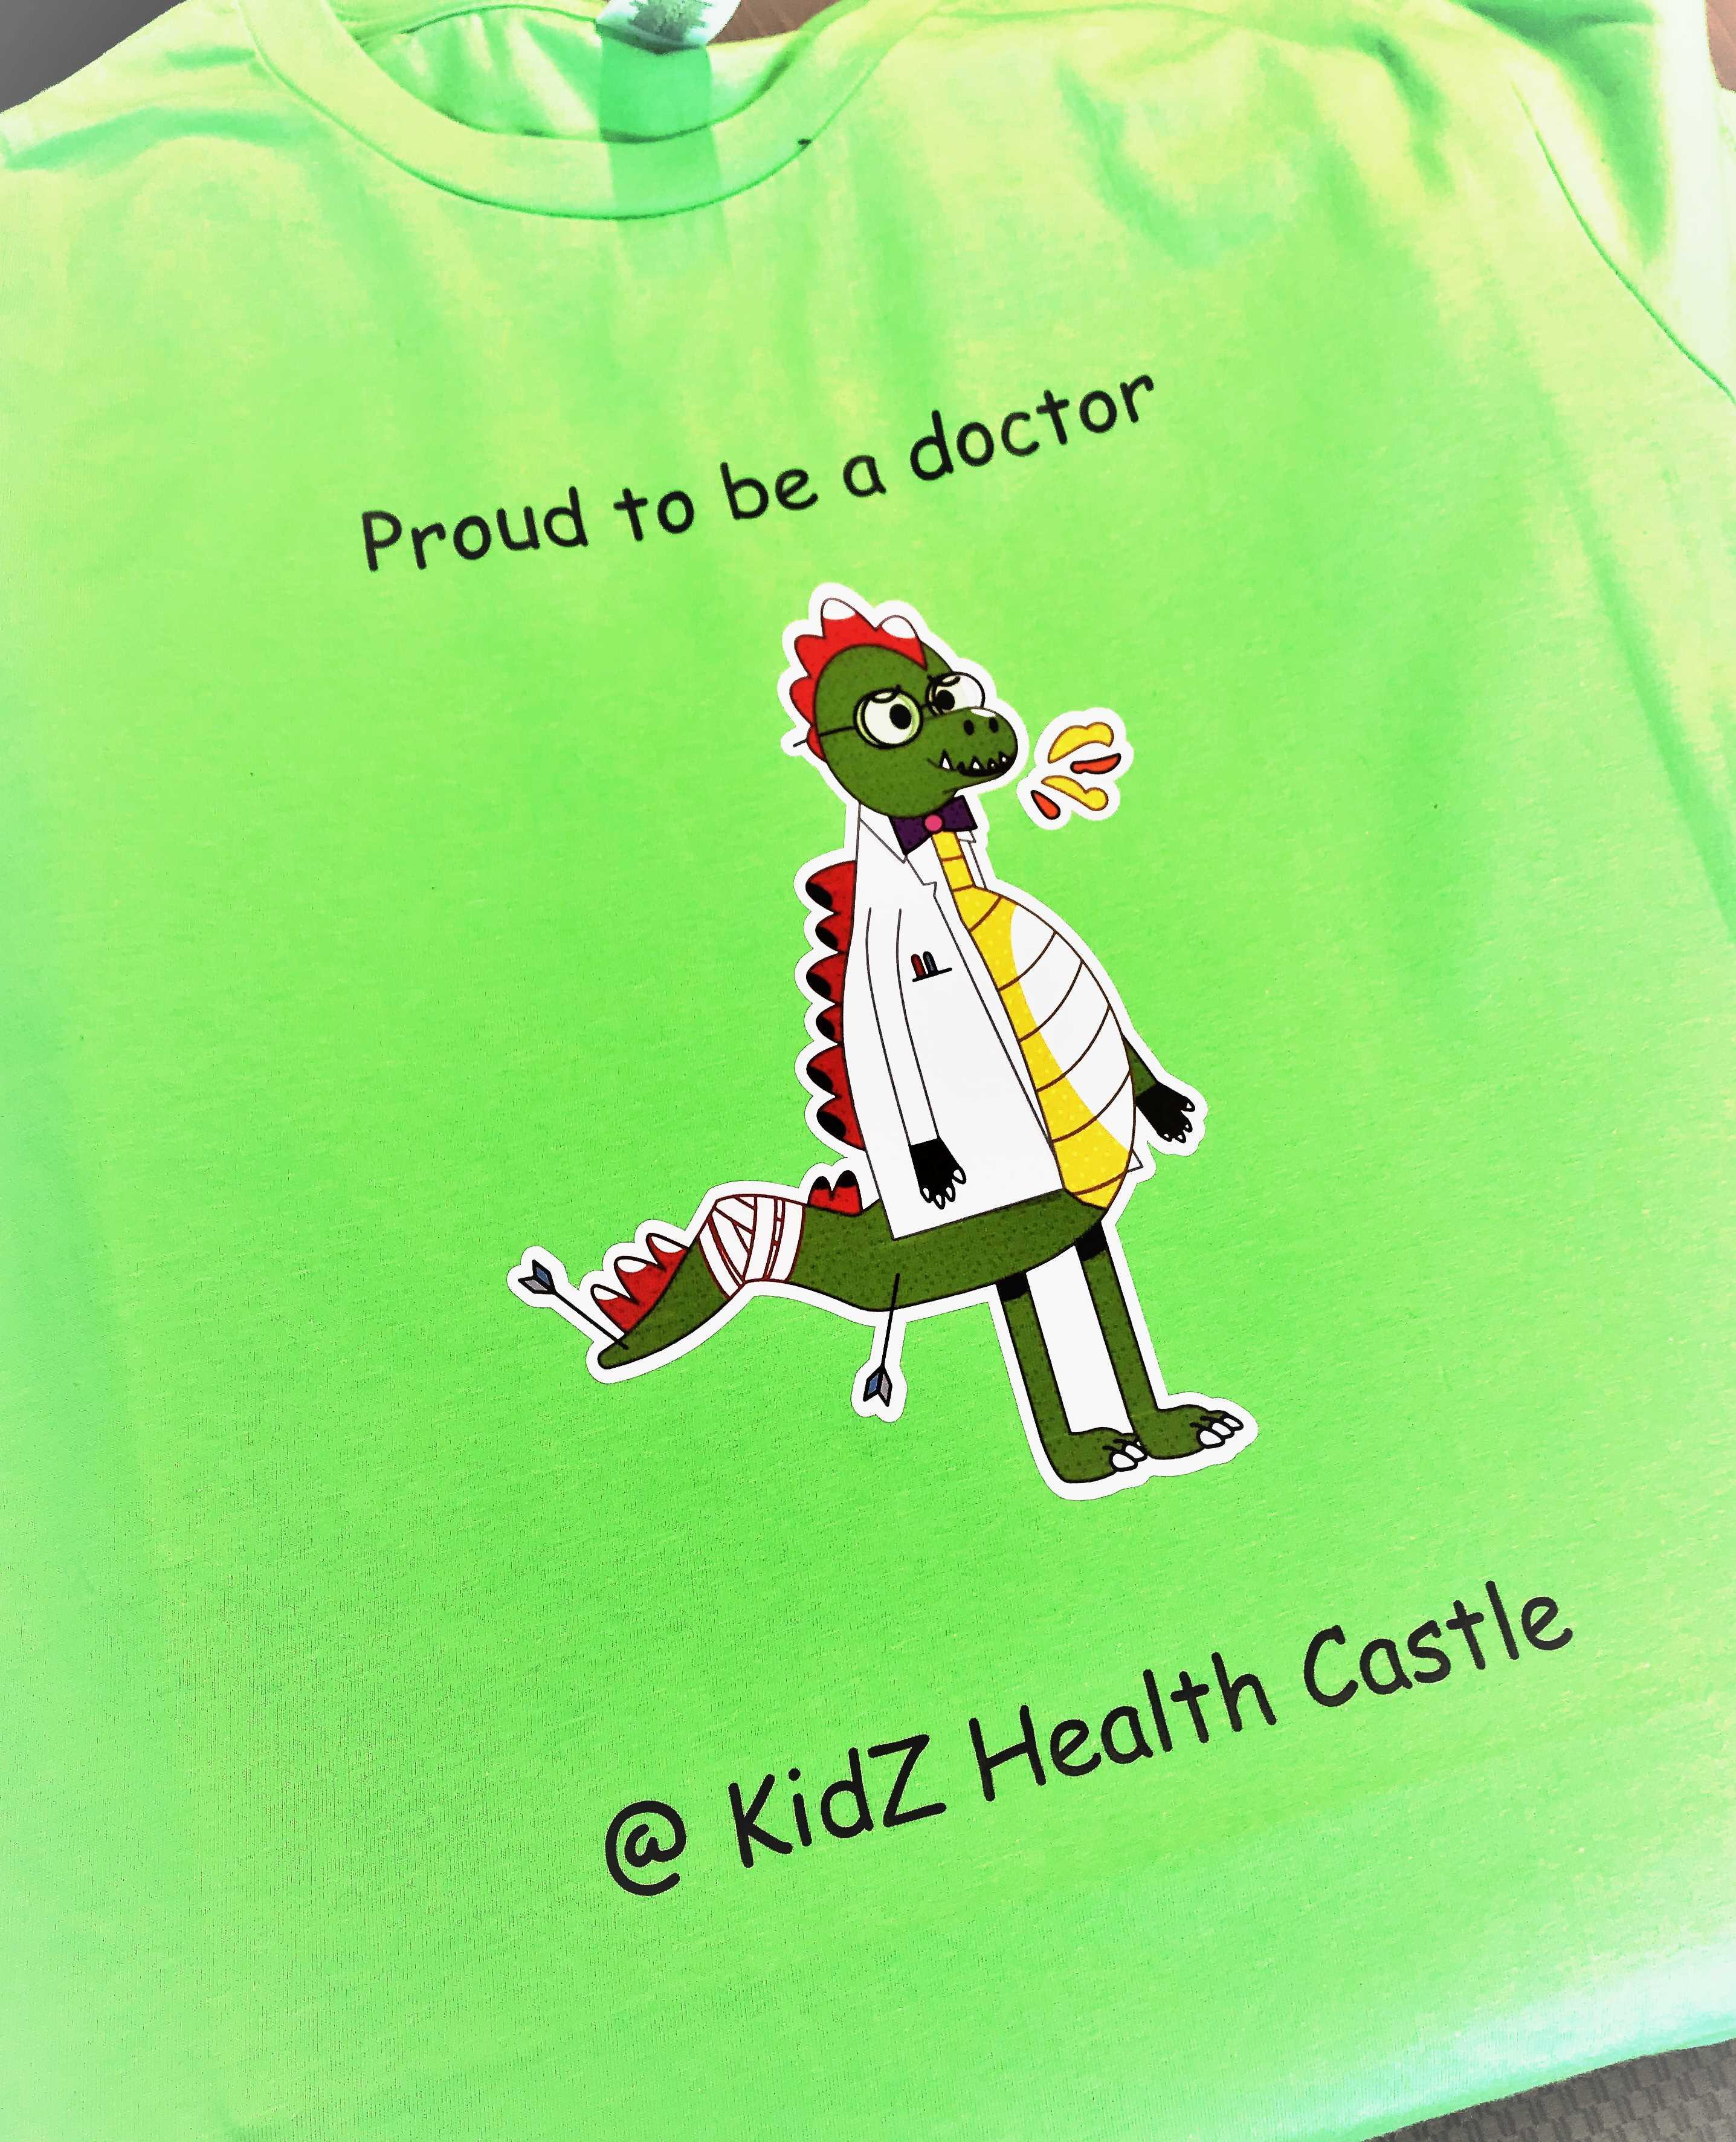 bedrijven t-shirt Kids Health Castel uz Brussel borduren op kleding